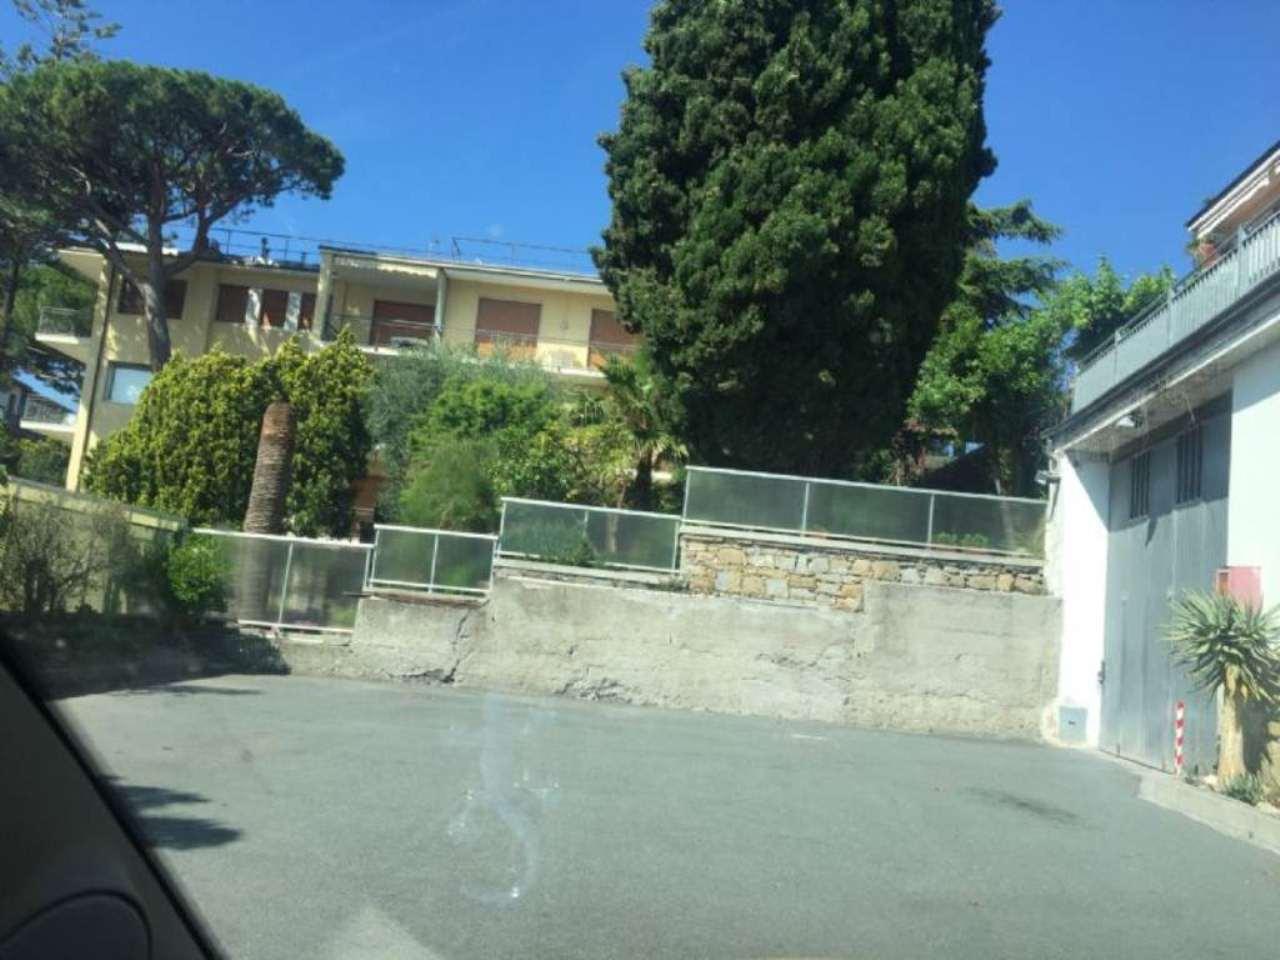 Magazzino in affitto a SanRemo, 1 locali, prezzo € 2.500 | Cambio Casa.it